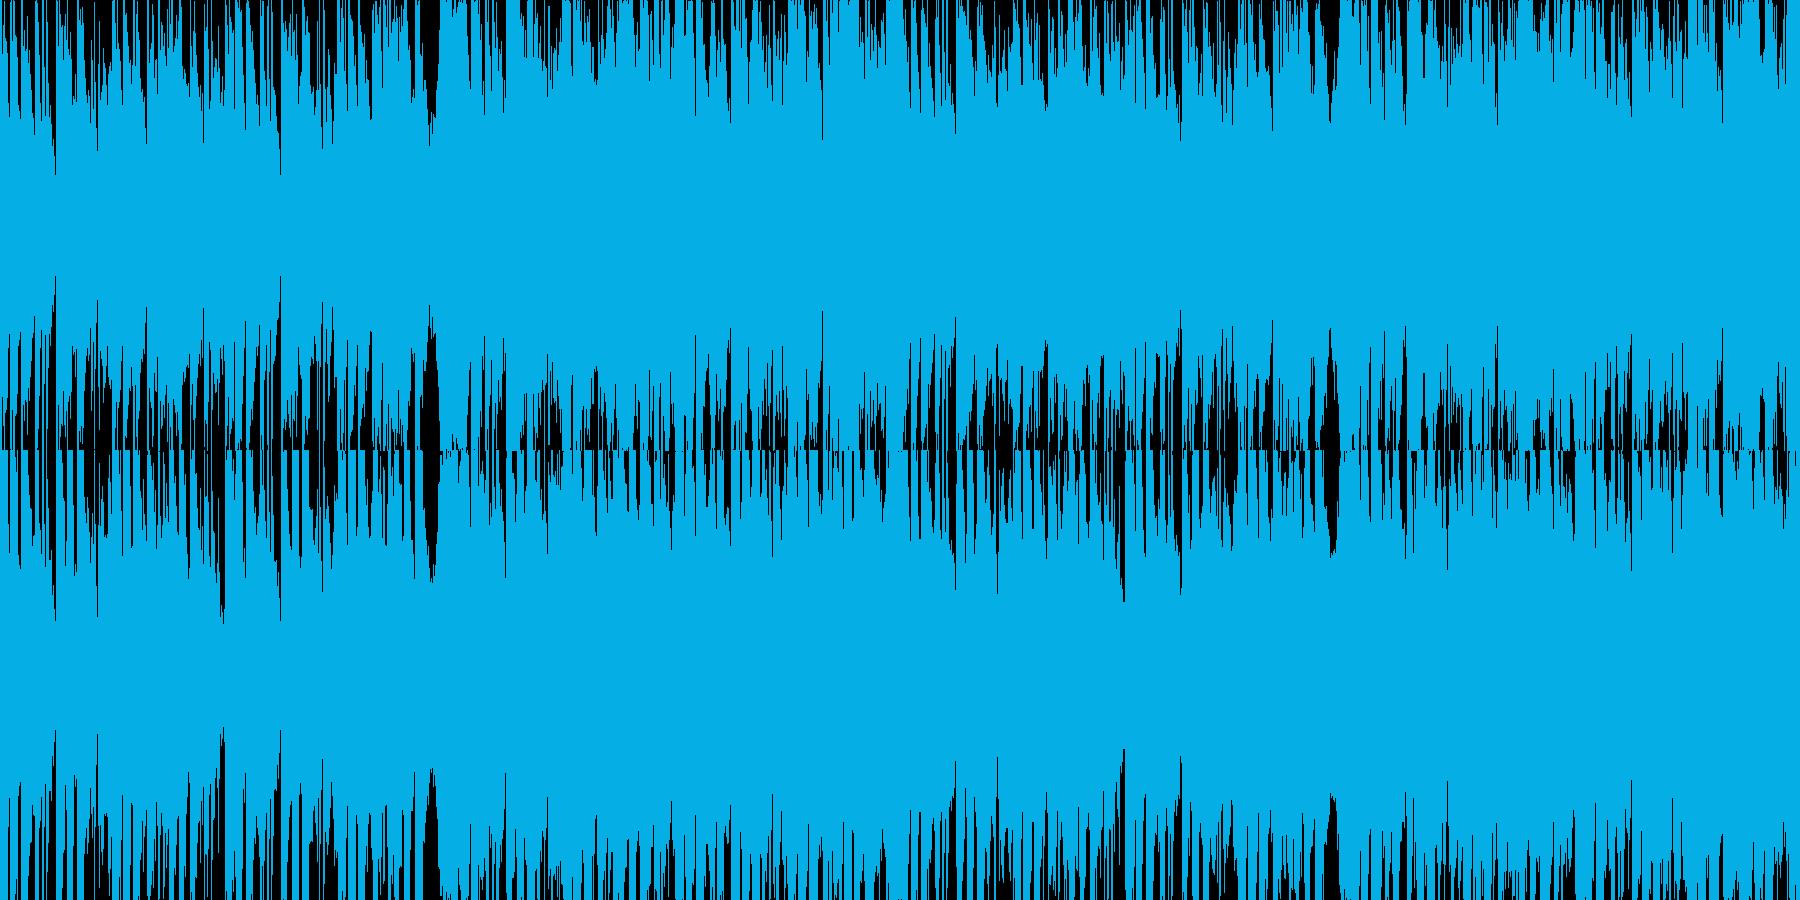 勇者を連想させるオーケストラBGMの再生済みの波形